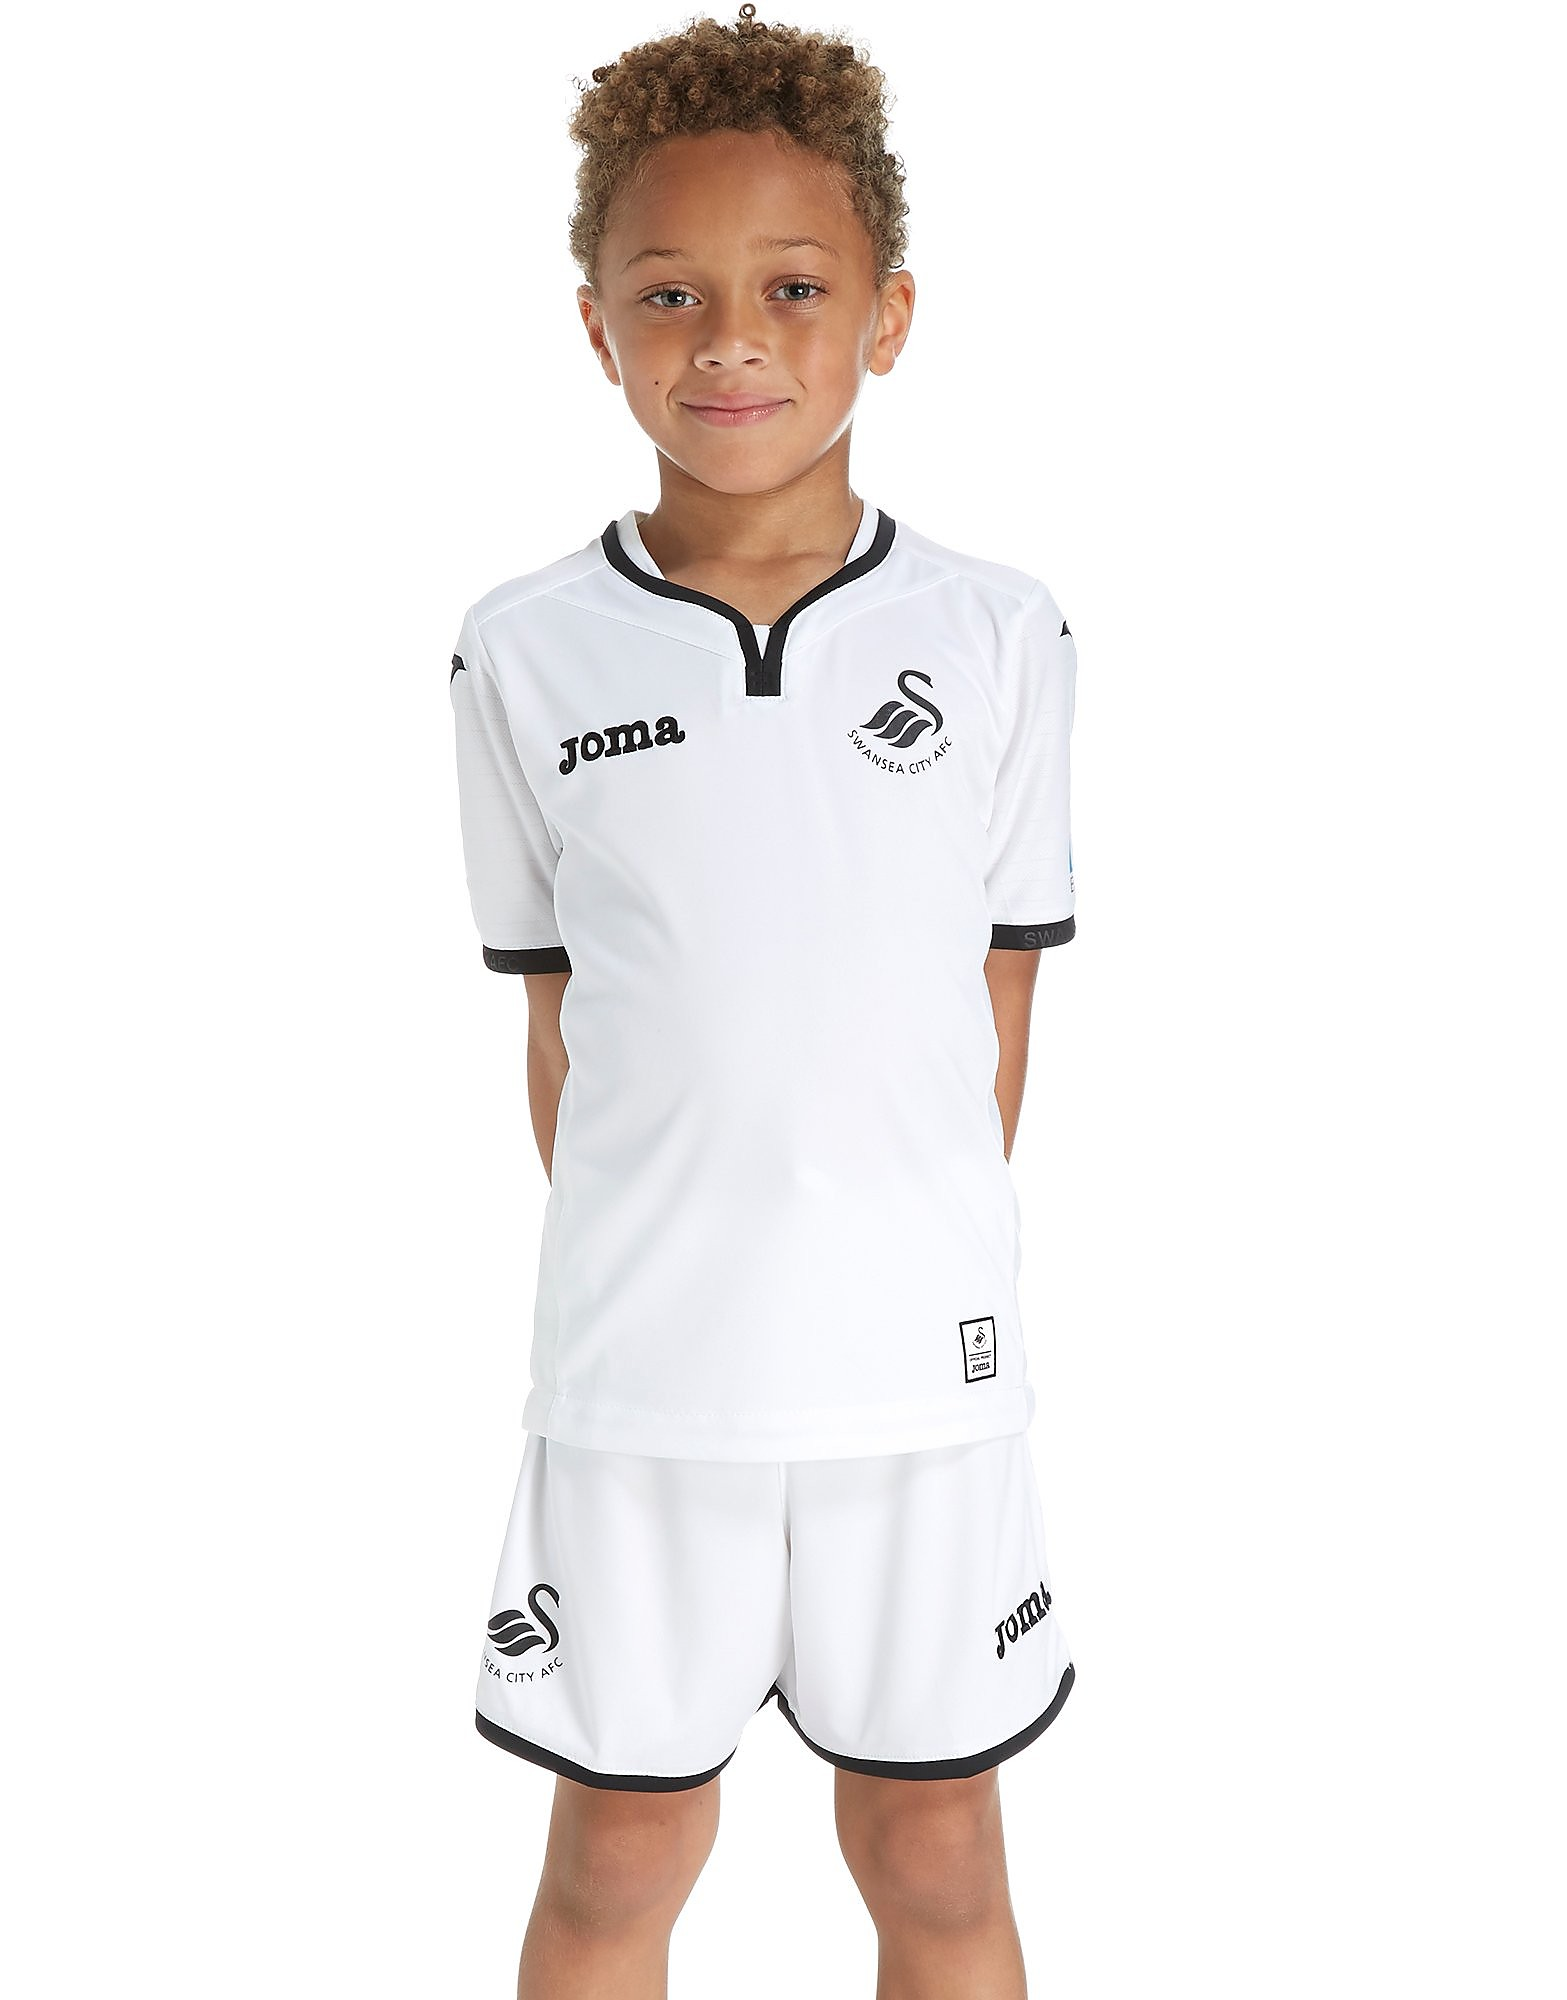 Joma Swansea City FC 2017/18 Home Kit Kinderen